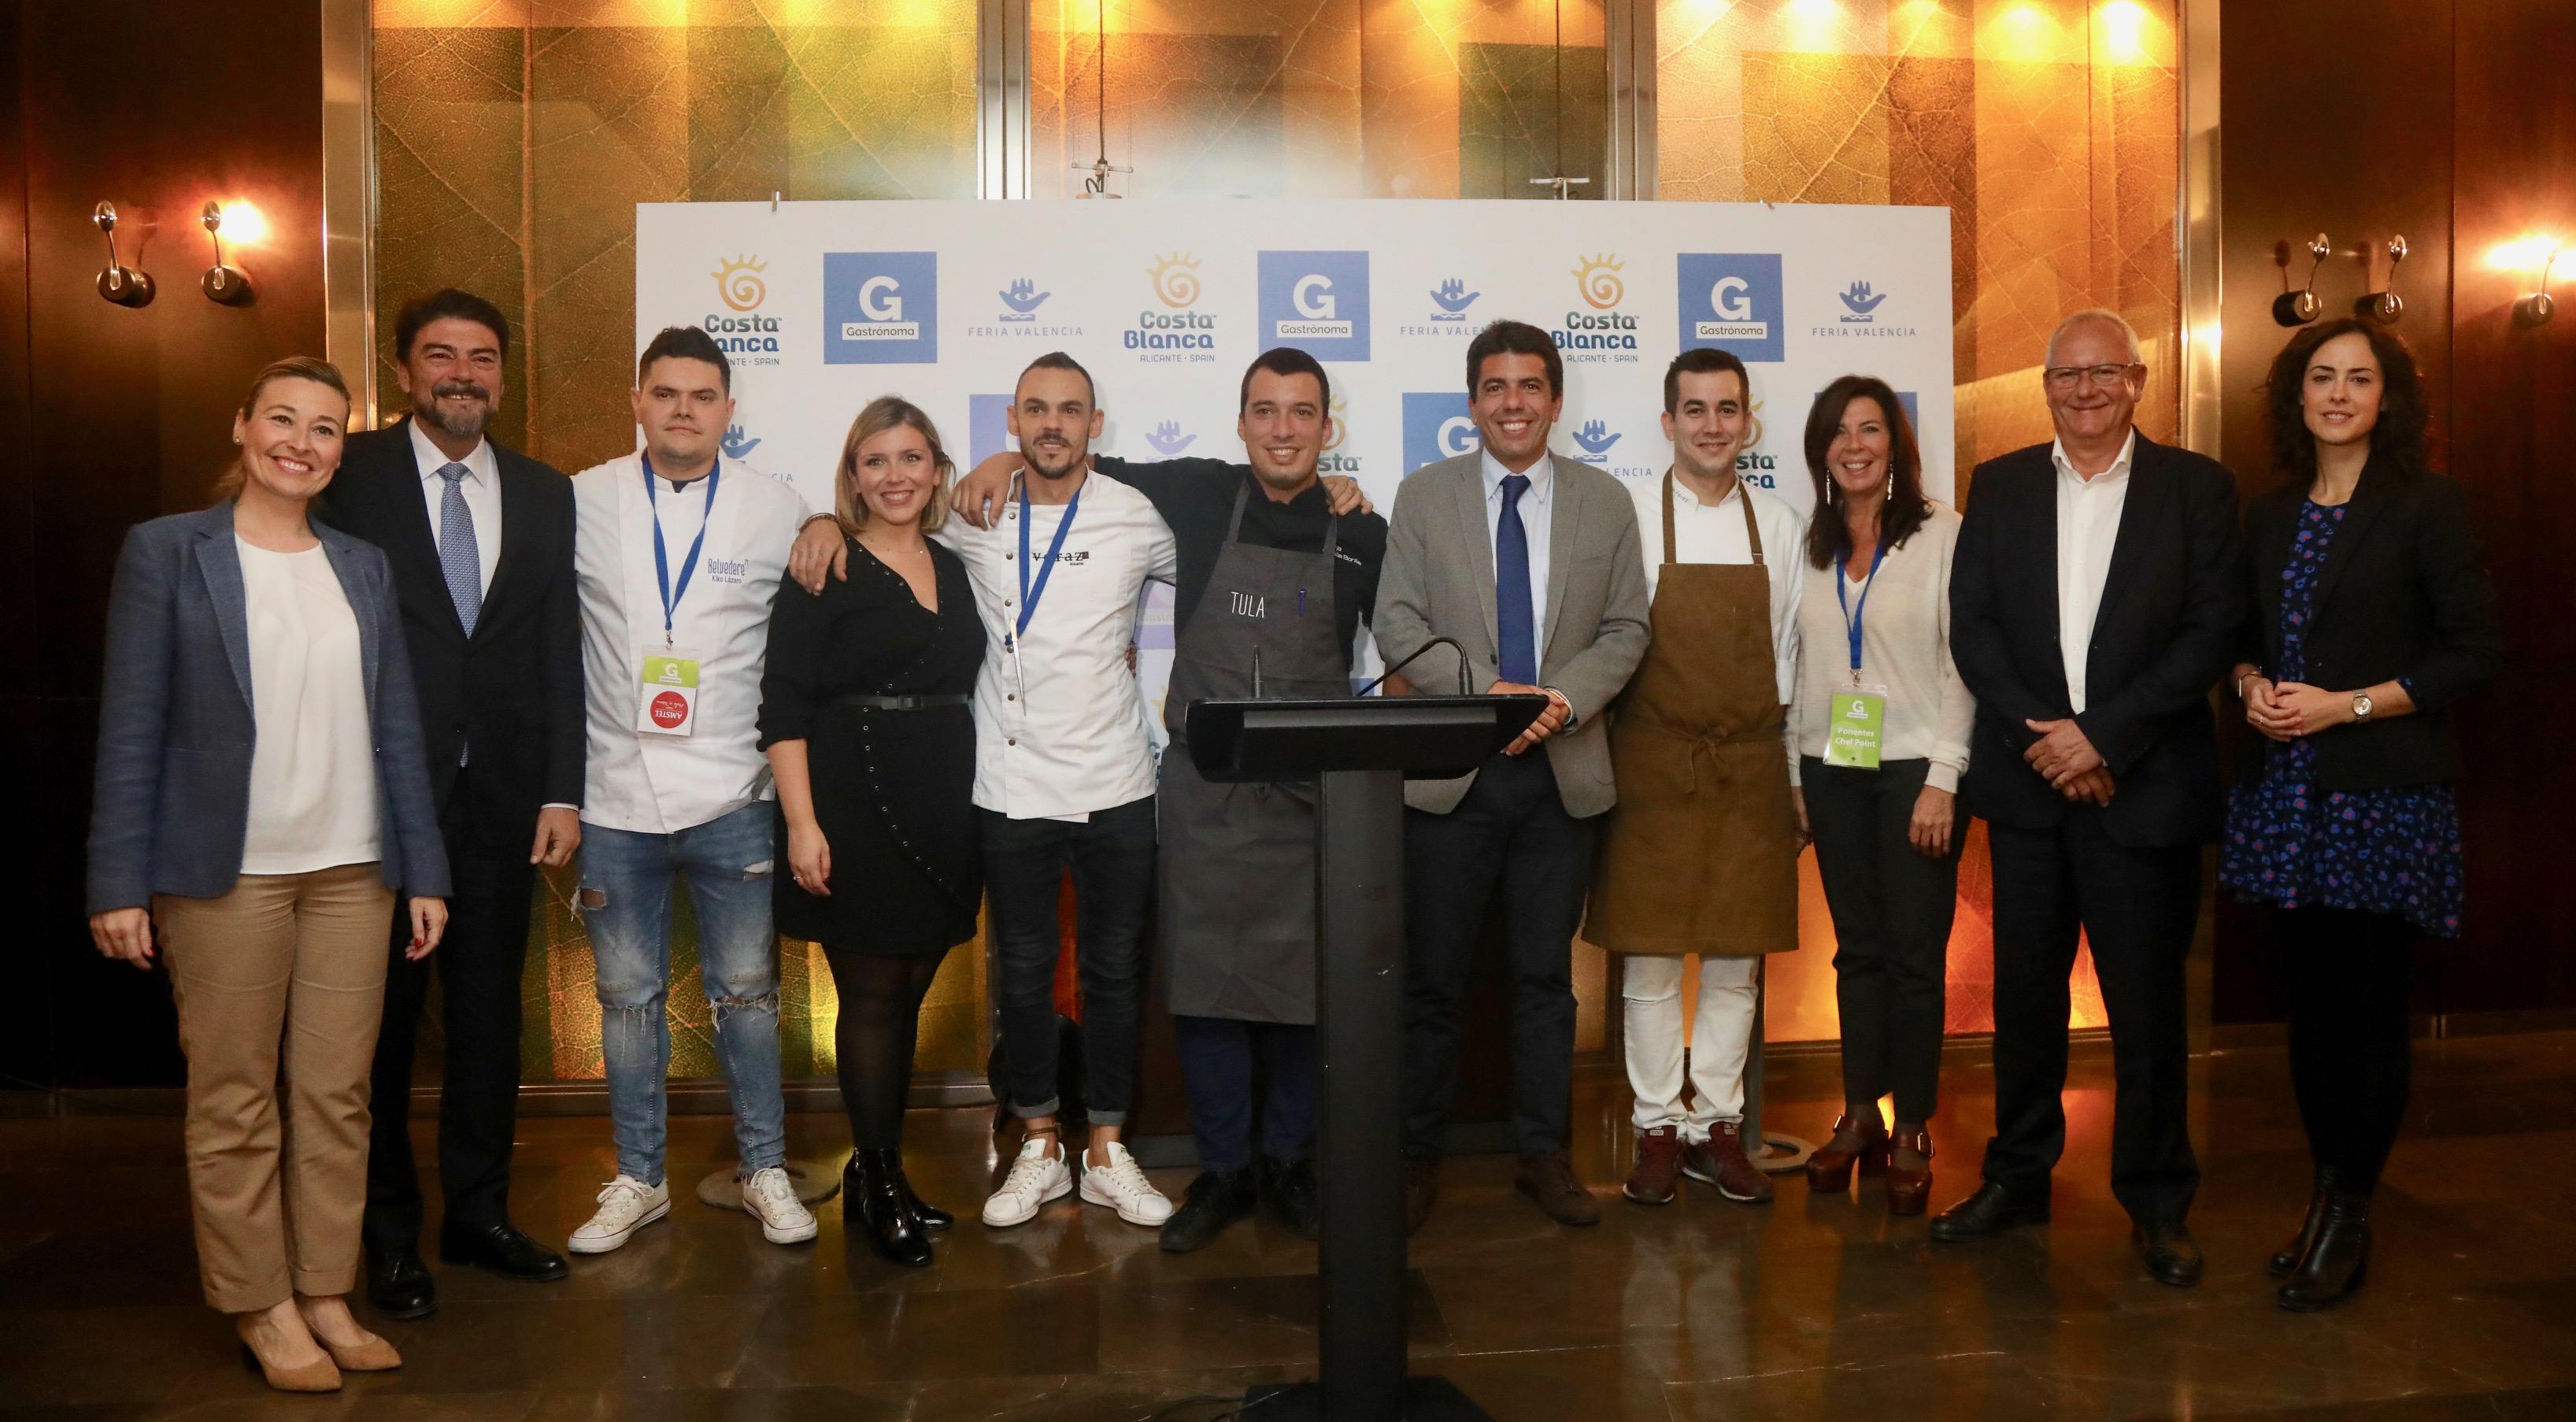 La Costa Blanca despliega en 'Gastrónoma 2019' su potencial culinario con 15 estrellas Michelin.